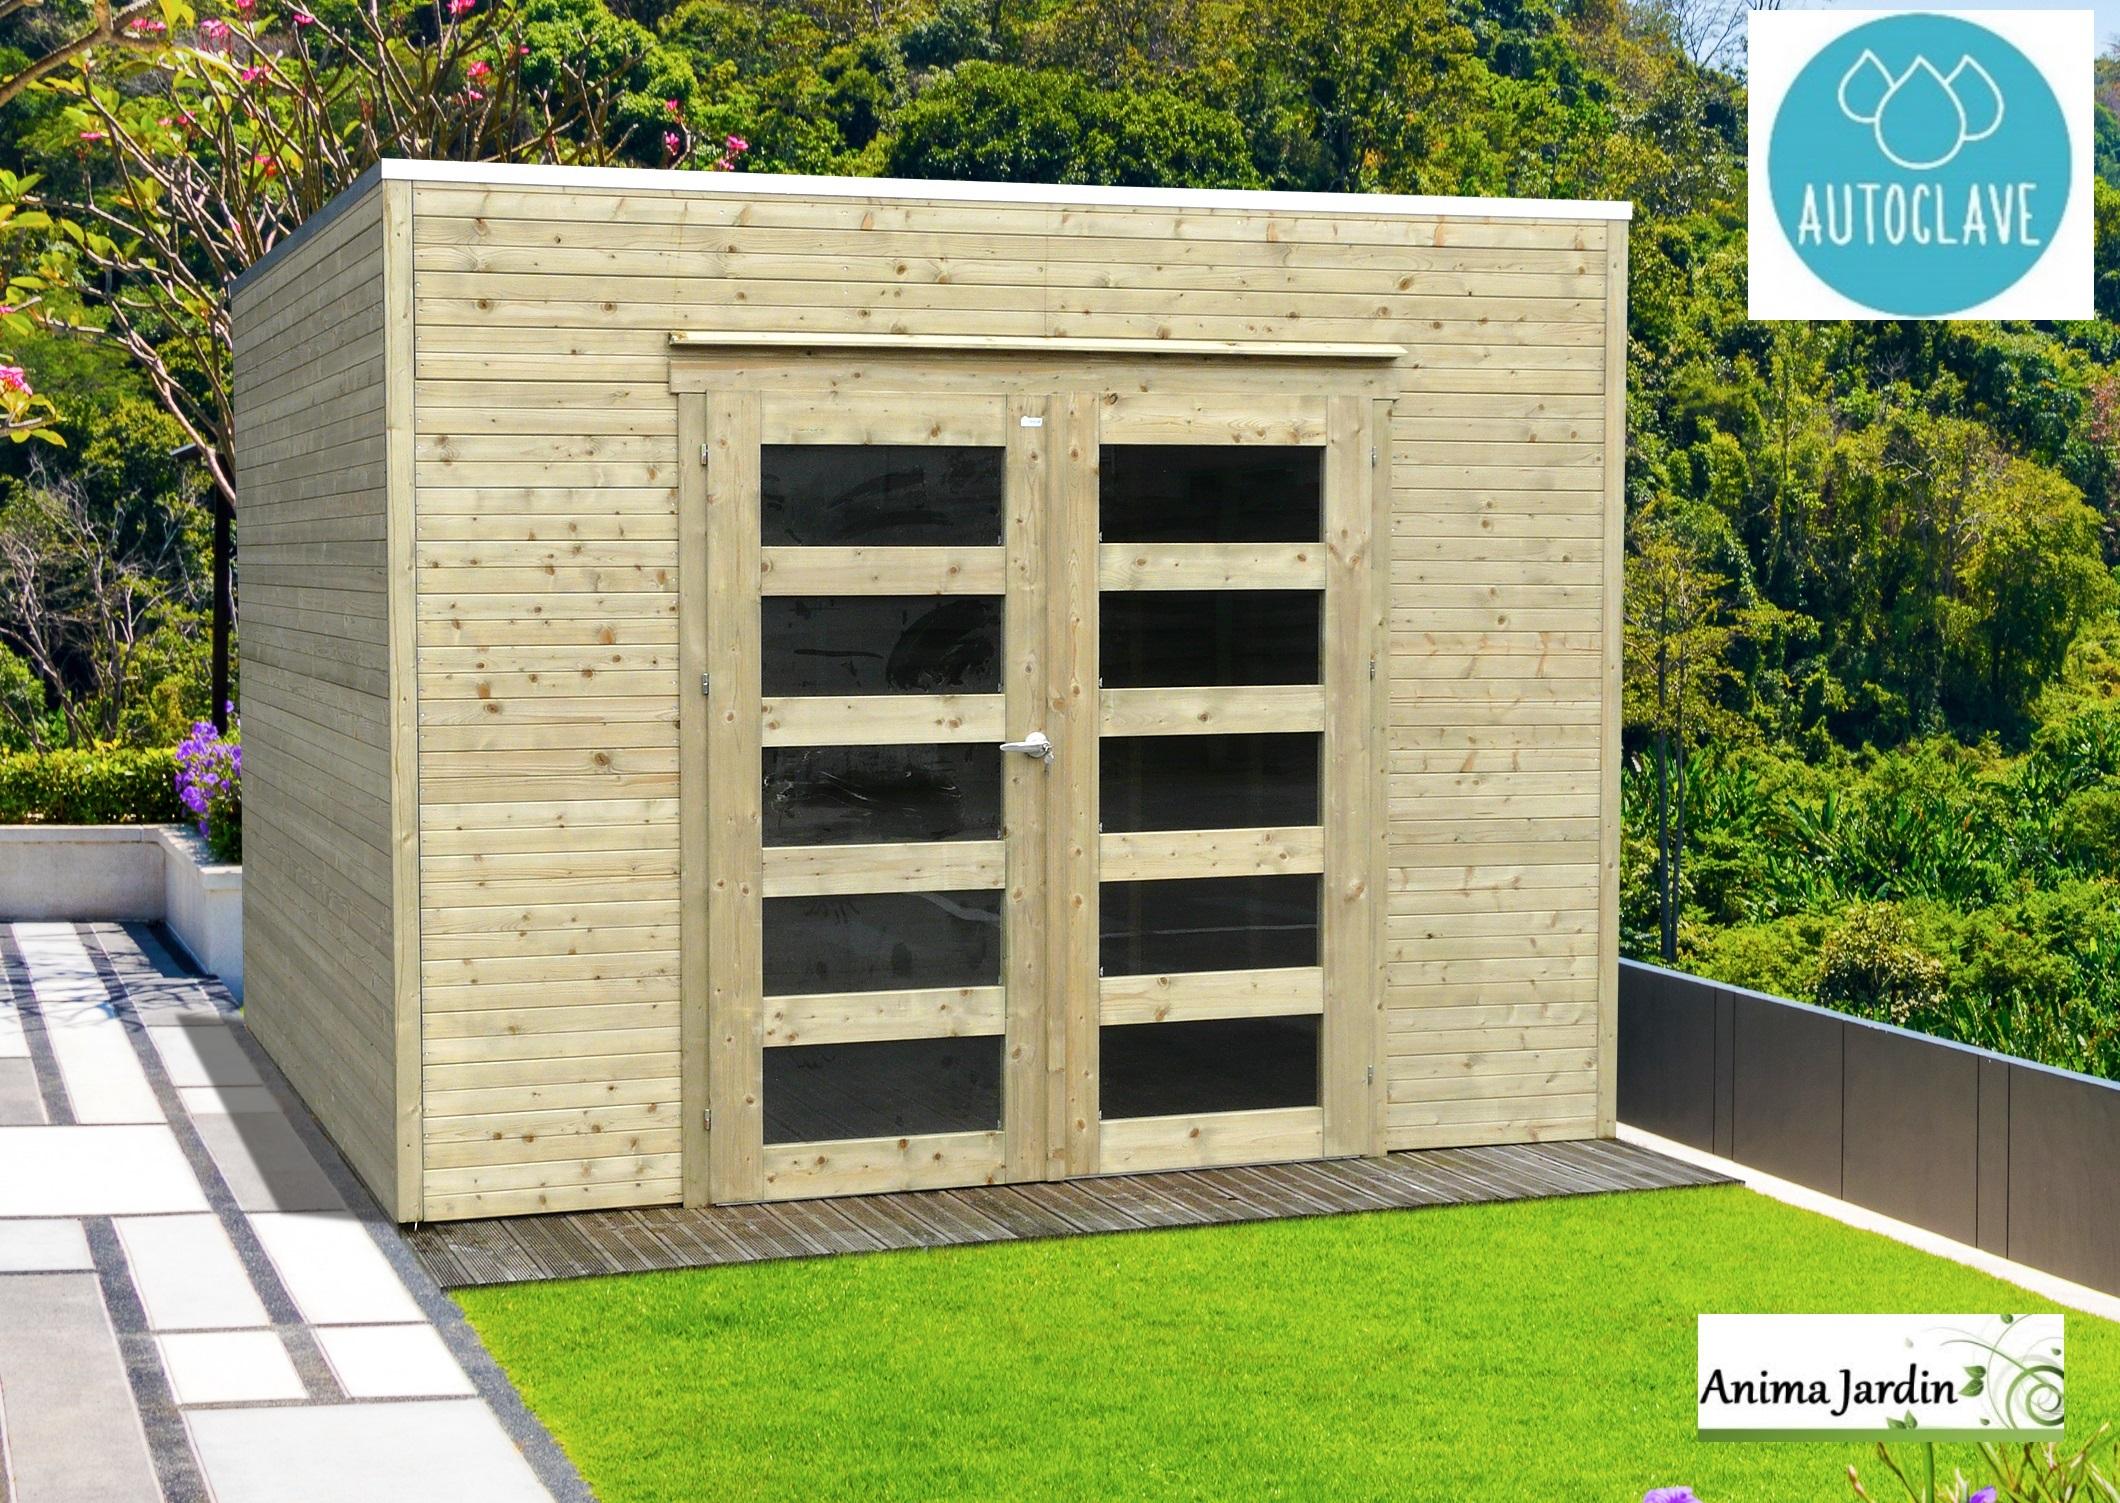 Abri De Jardin En Bois Autoclave 19Mm, Bari, 8M², Toit Plat ... dedans Abri De Jardin Toit Plat Pas Cher